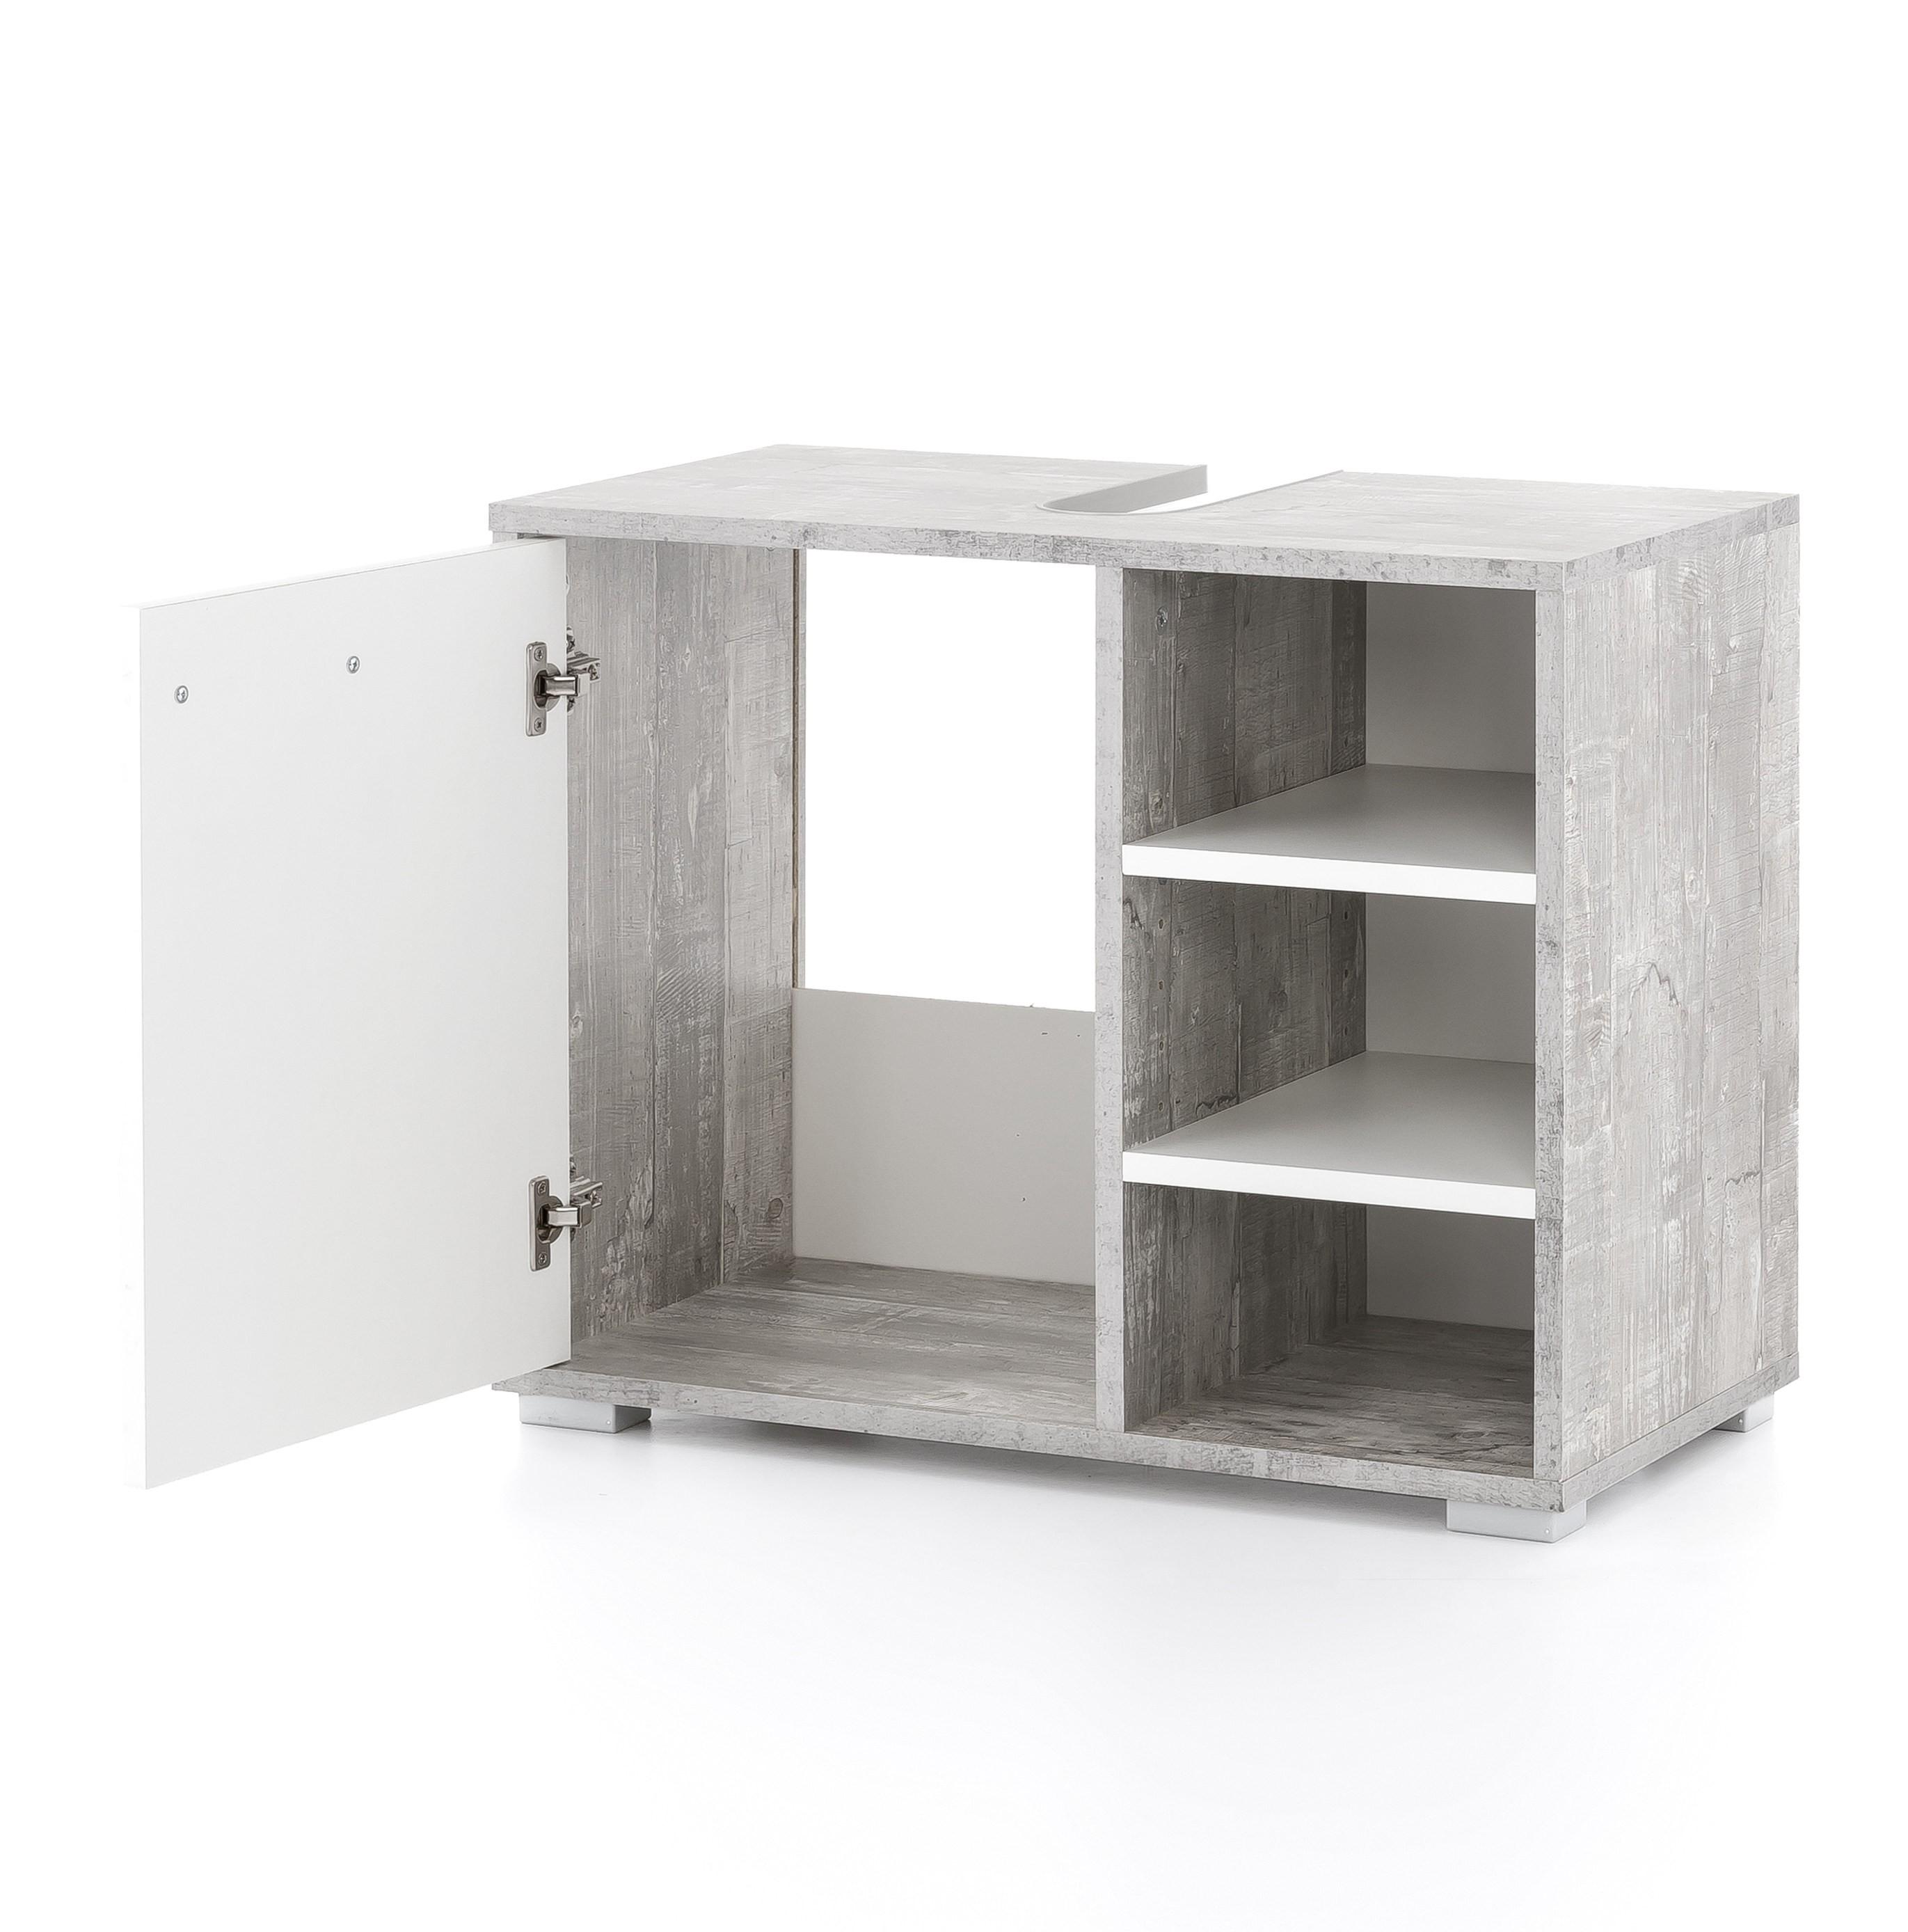 bad waschbeckenunterschrank lindau 60 cm breit wei beton grau bad waschbeckenunterschr nke. Black Bedroom Furniture Sets. Home Design Ideas